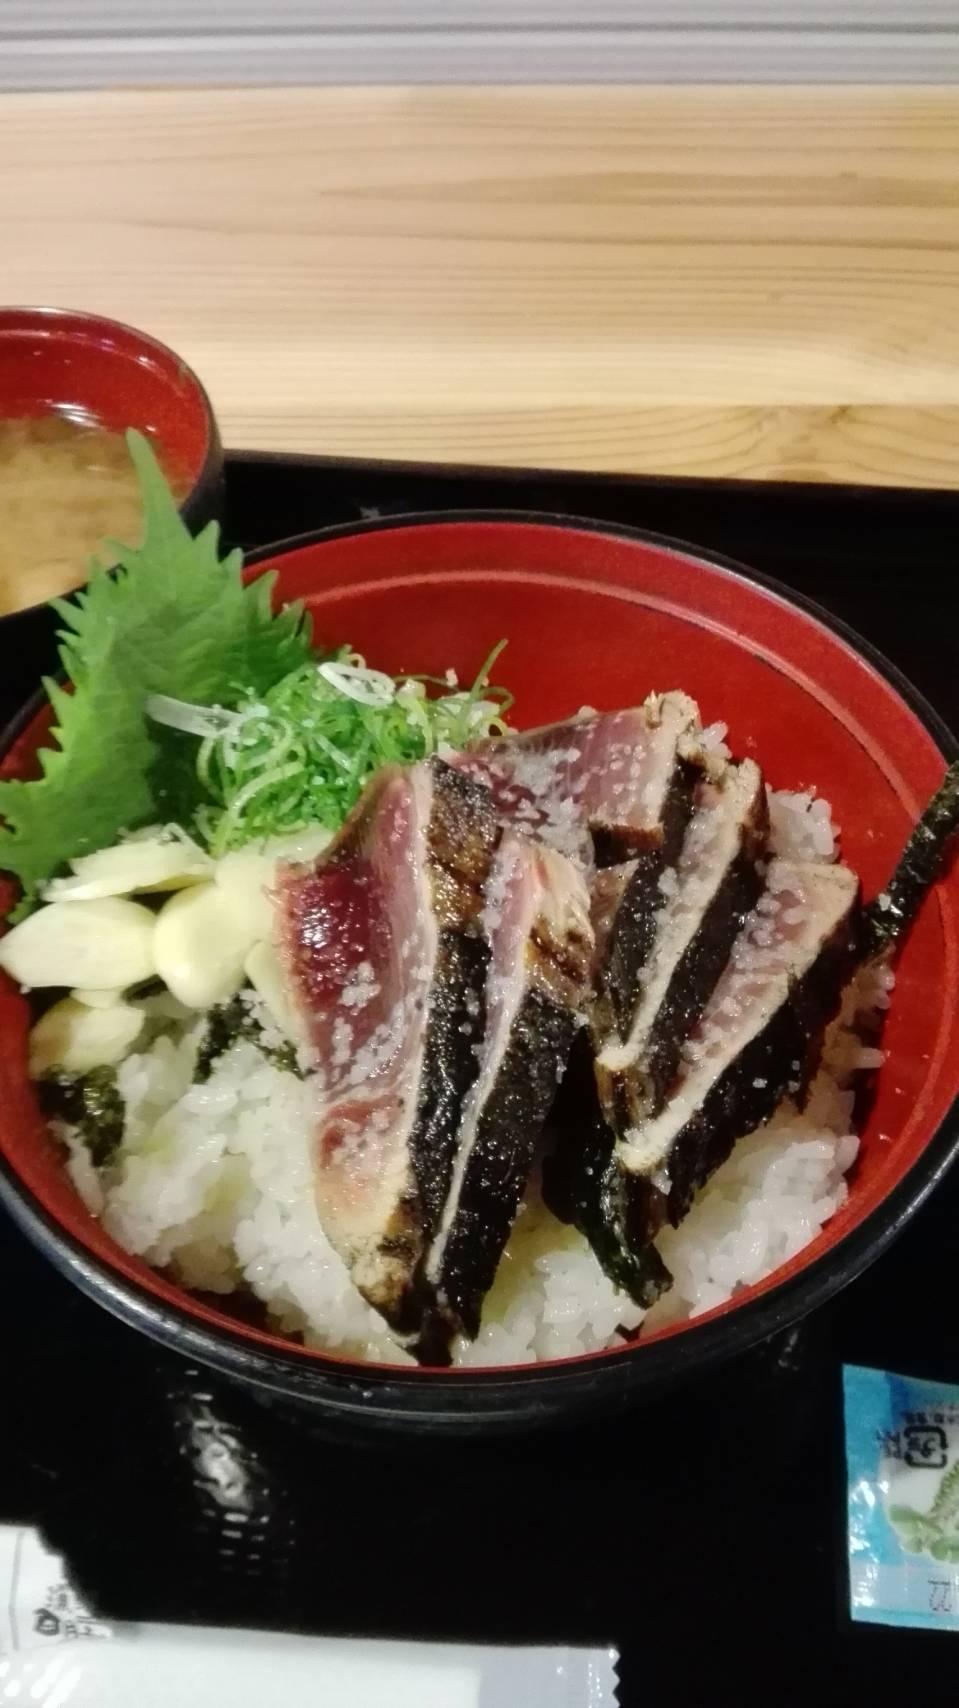 藁焼き鰹たたき 明神丸 ひろめ市場店(高知市)